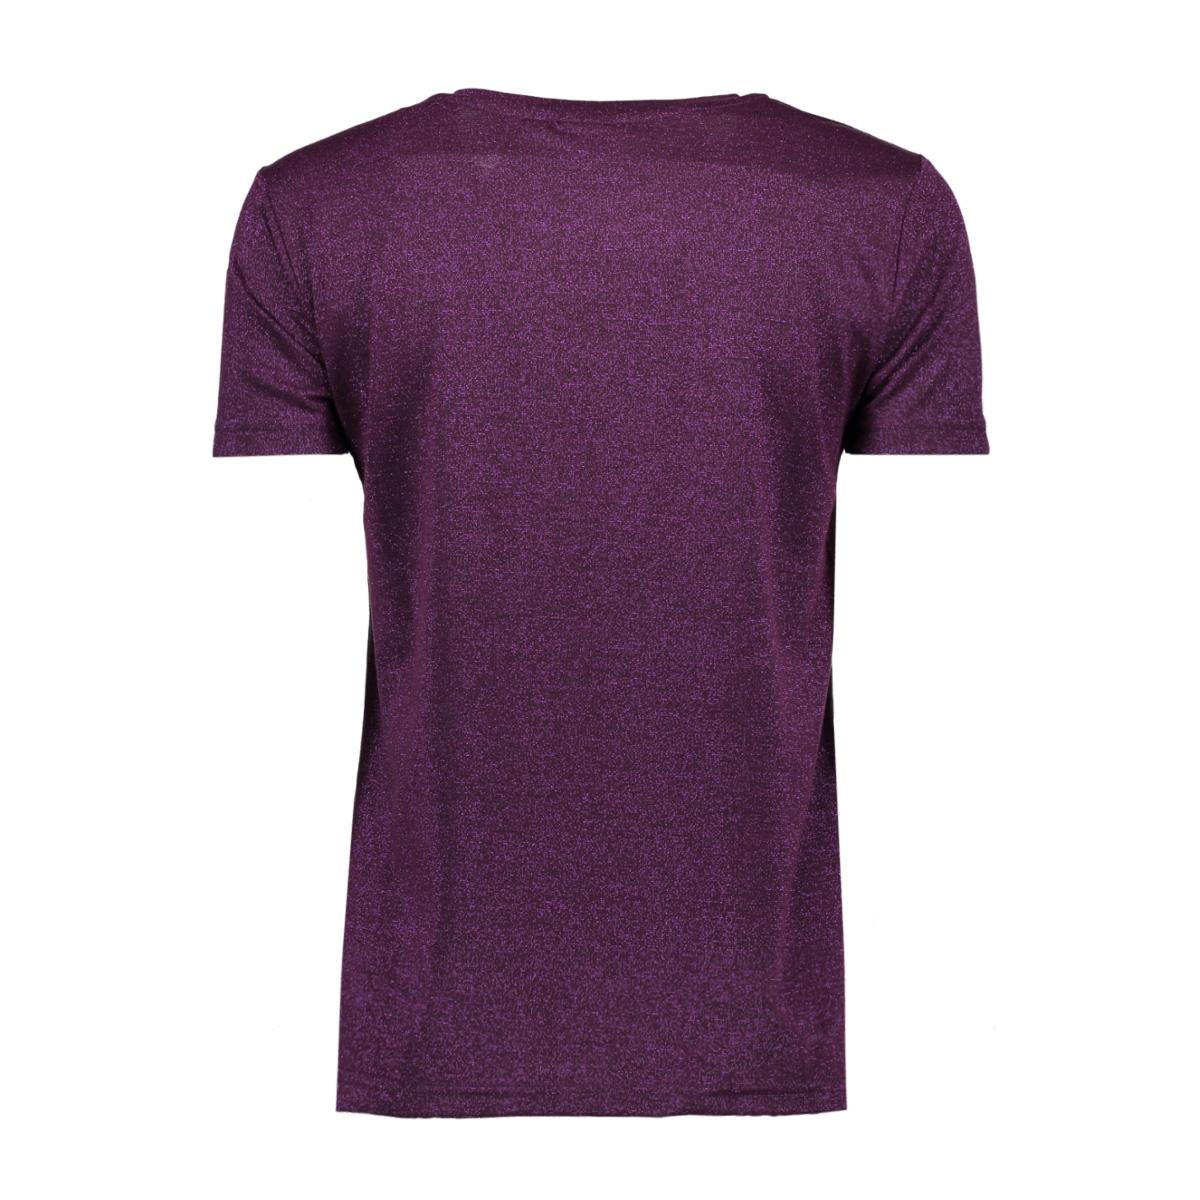 jdyink s/s topjrs 15142542 jacqueline de yong t-shirt potent purple